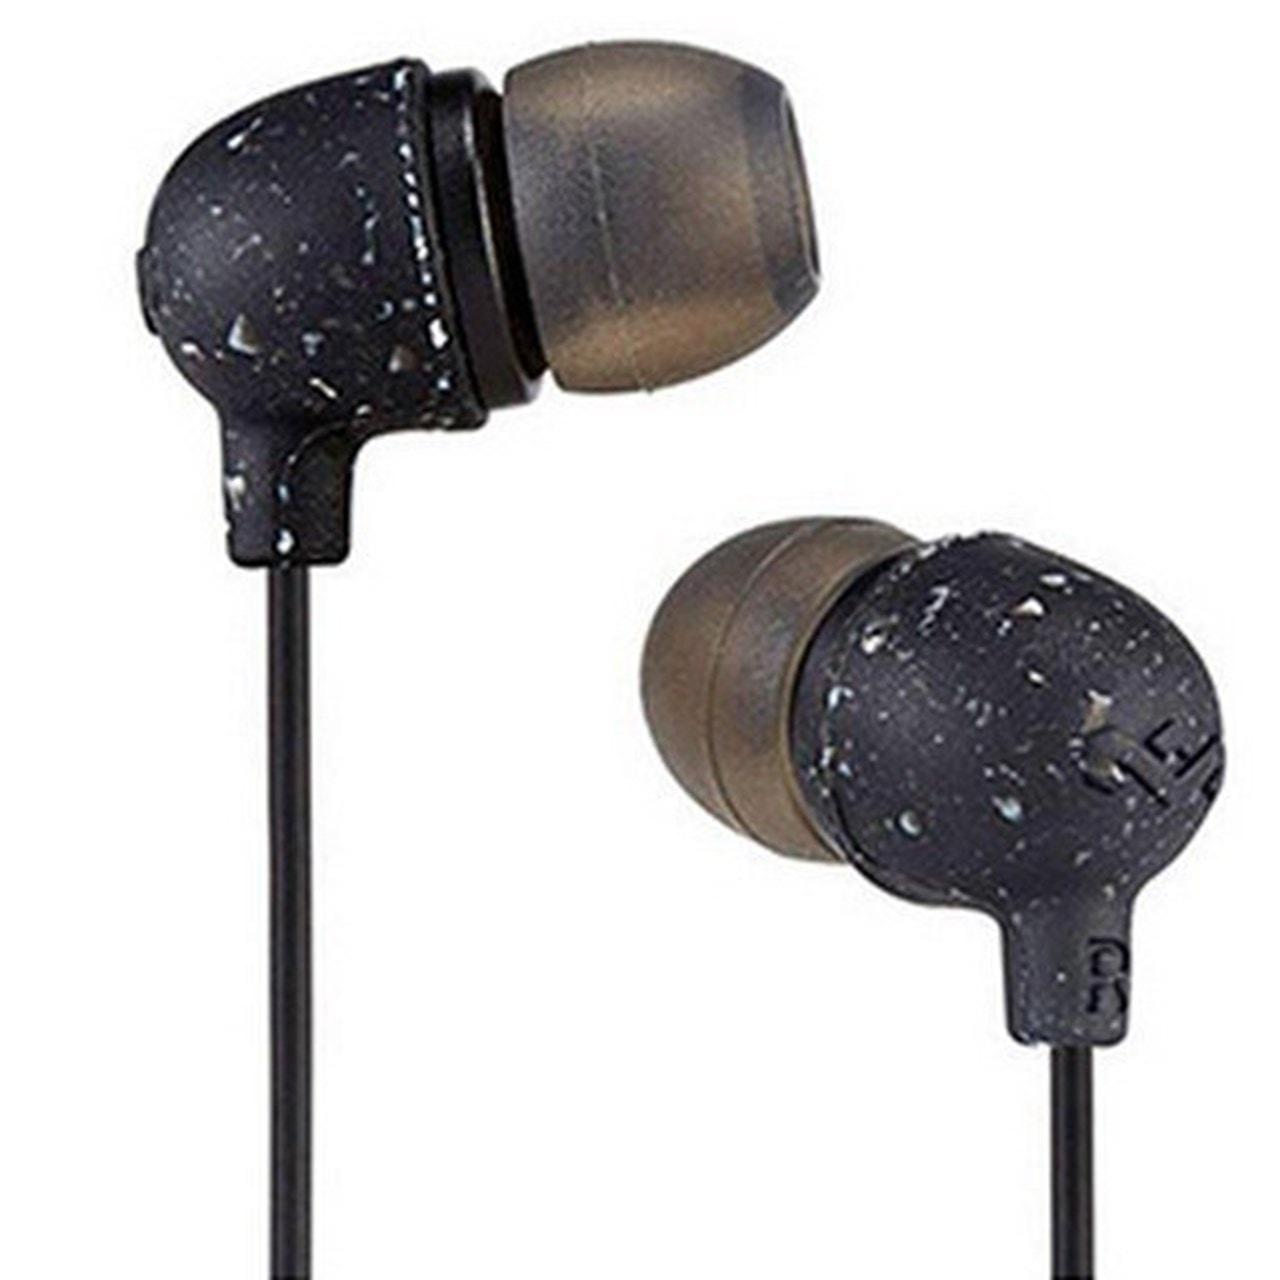 House Of Marley Little Bird Black Earphones W/Mic - 3